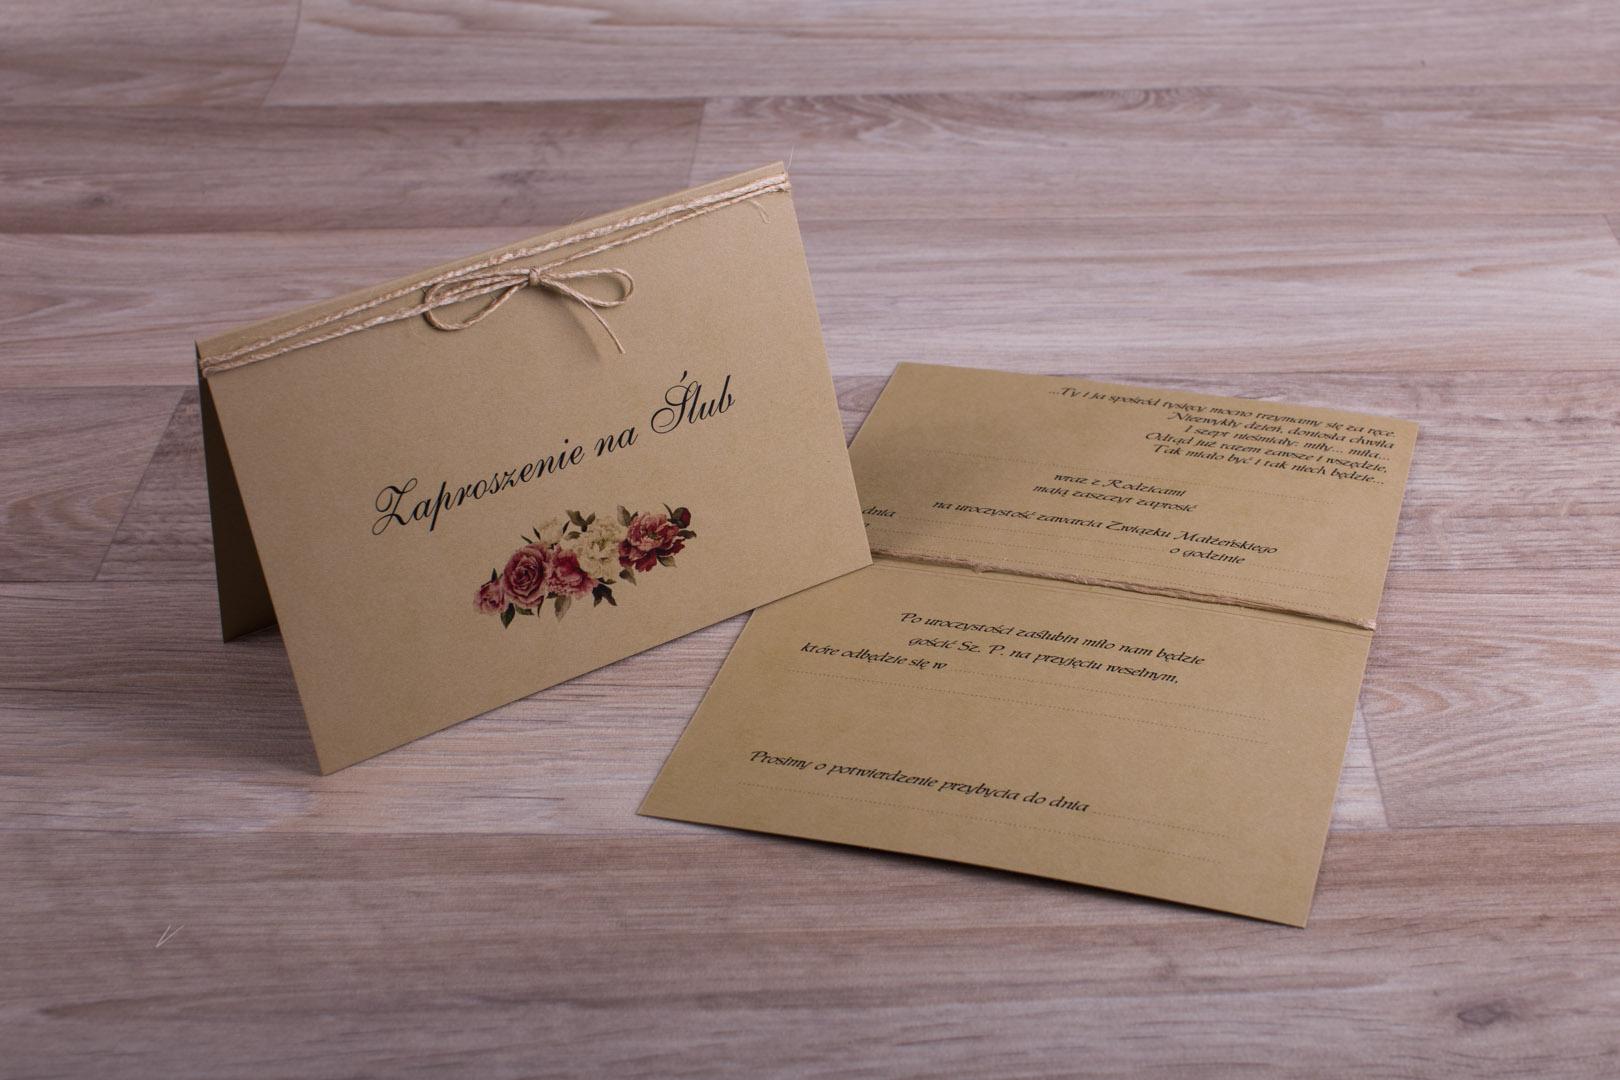 Zaproszenia ślubne - do ręcznego wypisywania